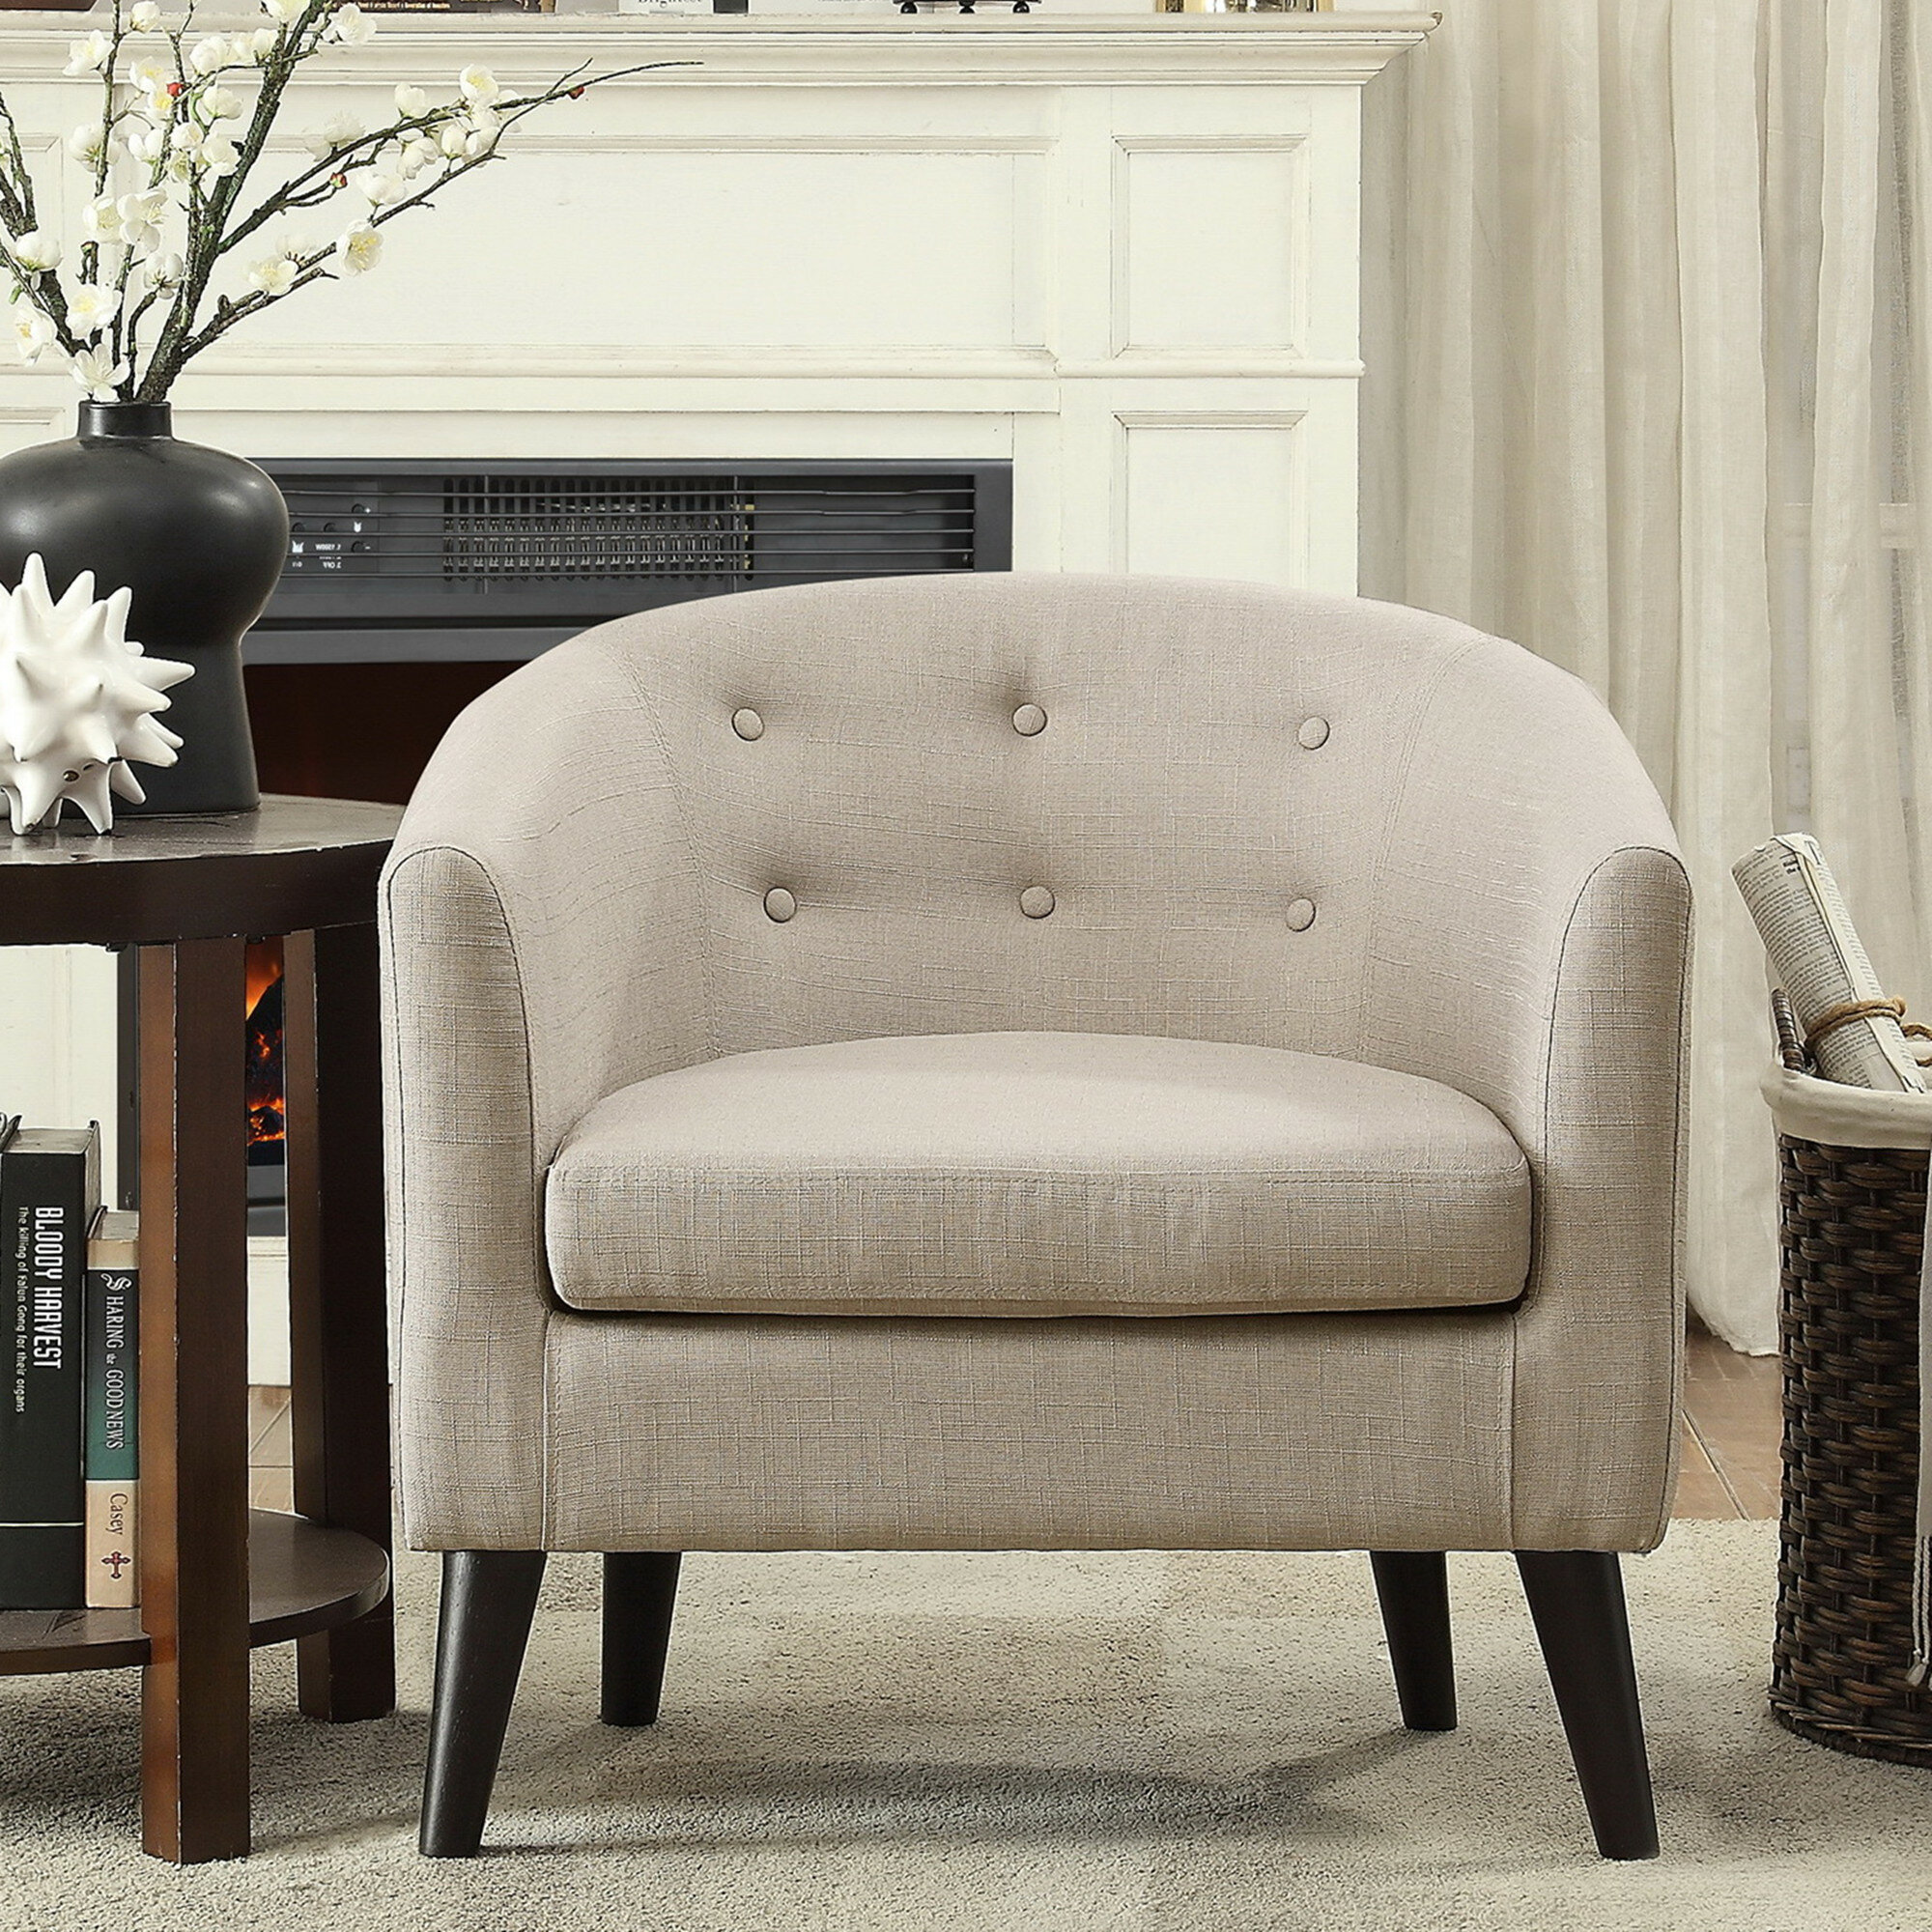 Zipcode design phipps barrel chair reviews wayfair